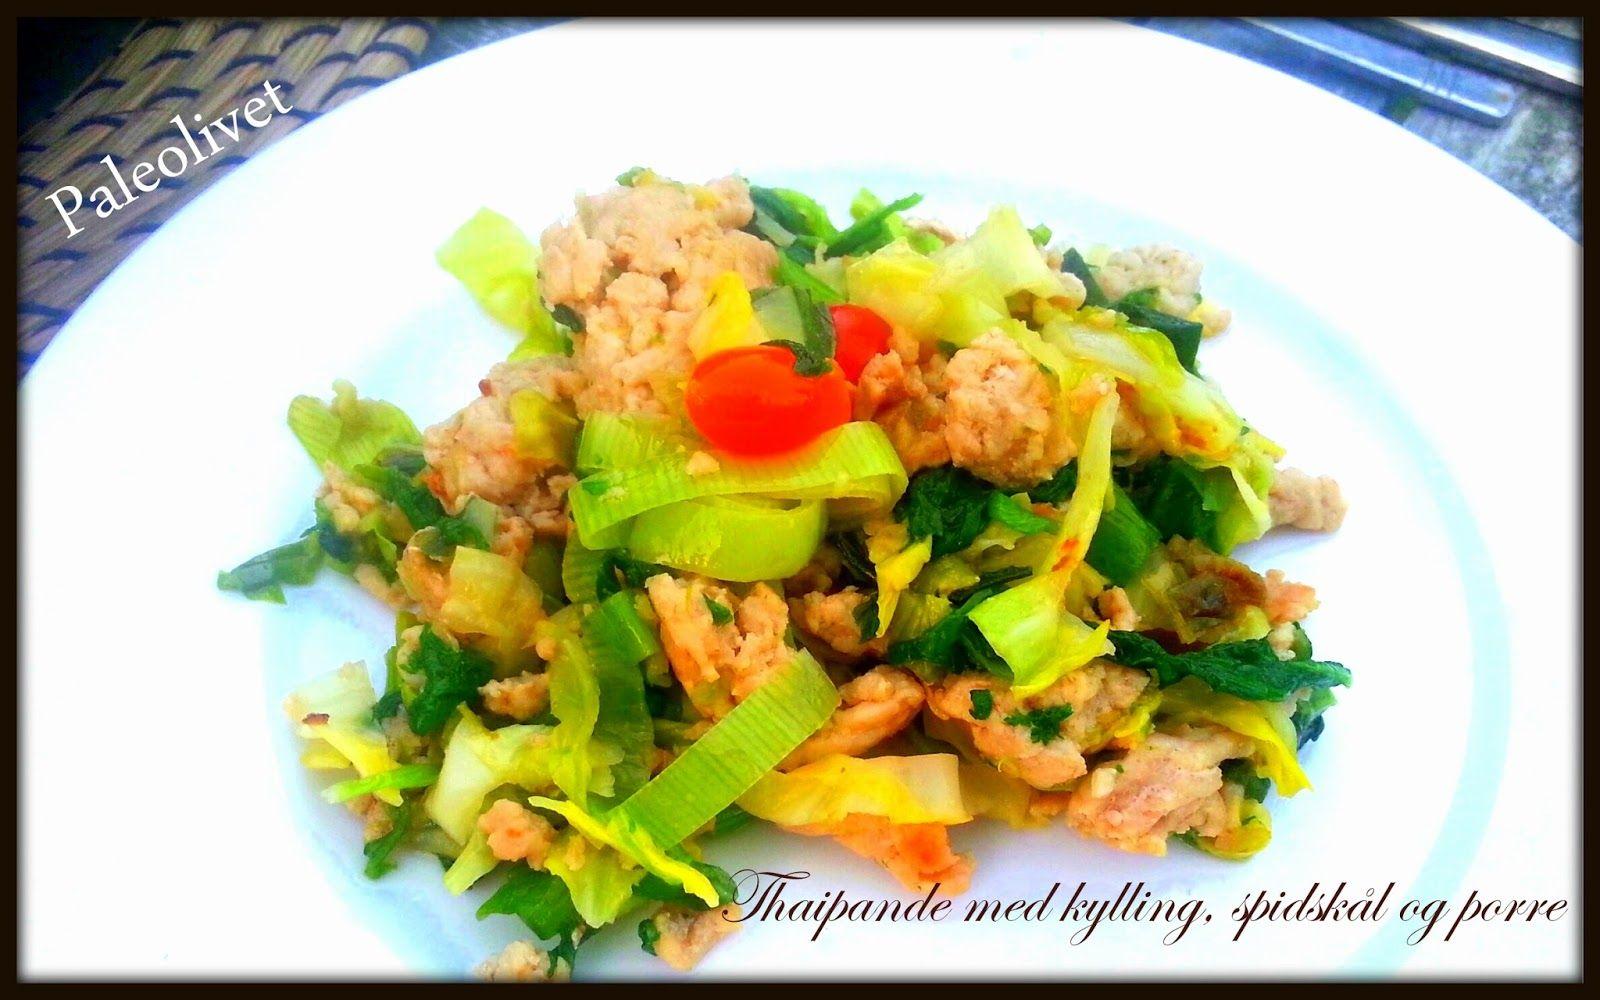 Den er super nem at lave og smager virkelig godt, men jeg ved virkelig ikke, om de nogensinde har lavet noget lignende i Thailand? De...